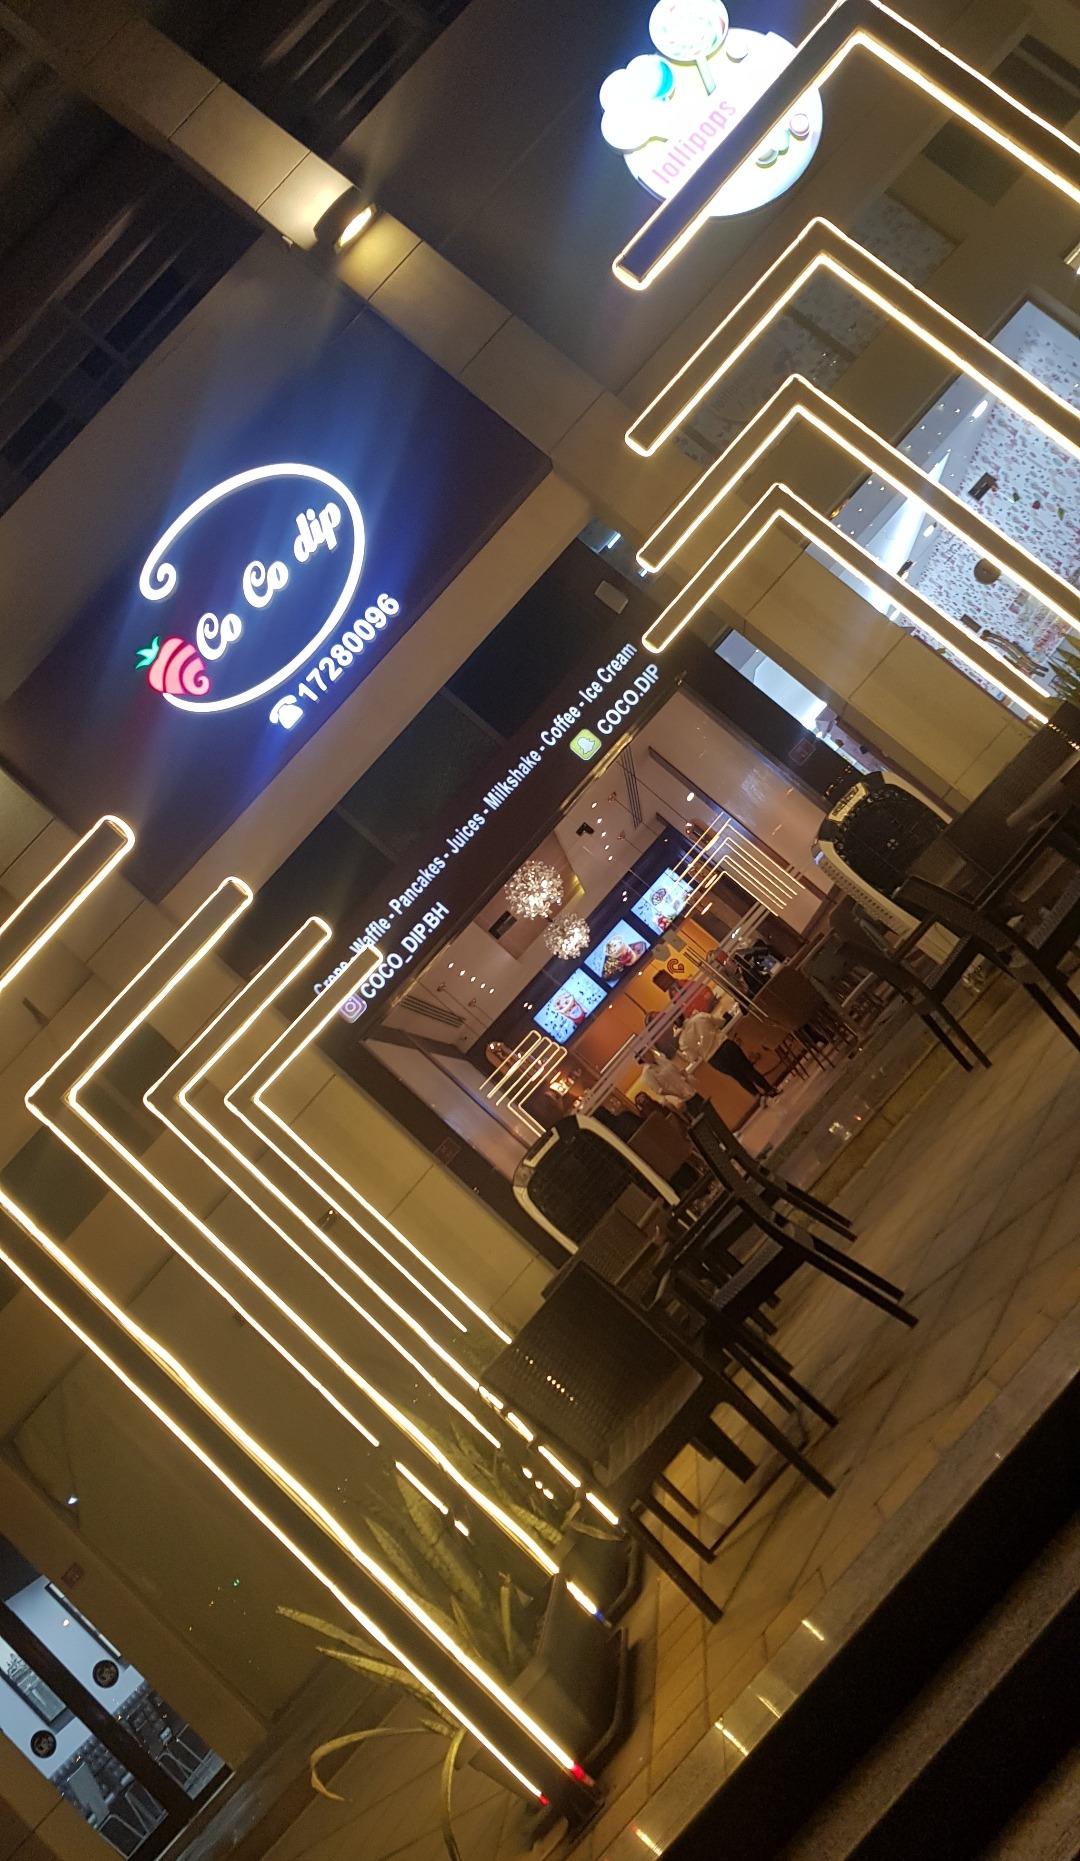 coco dip - Bahrain